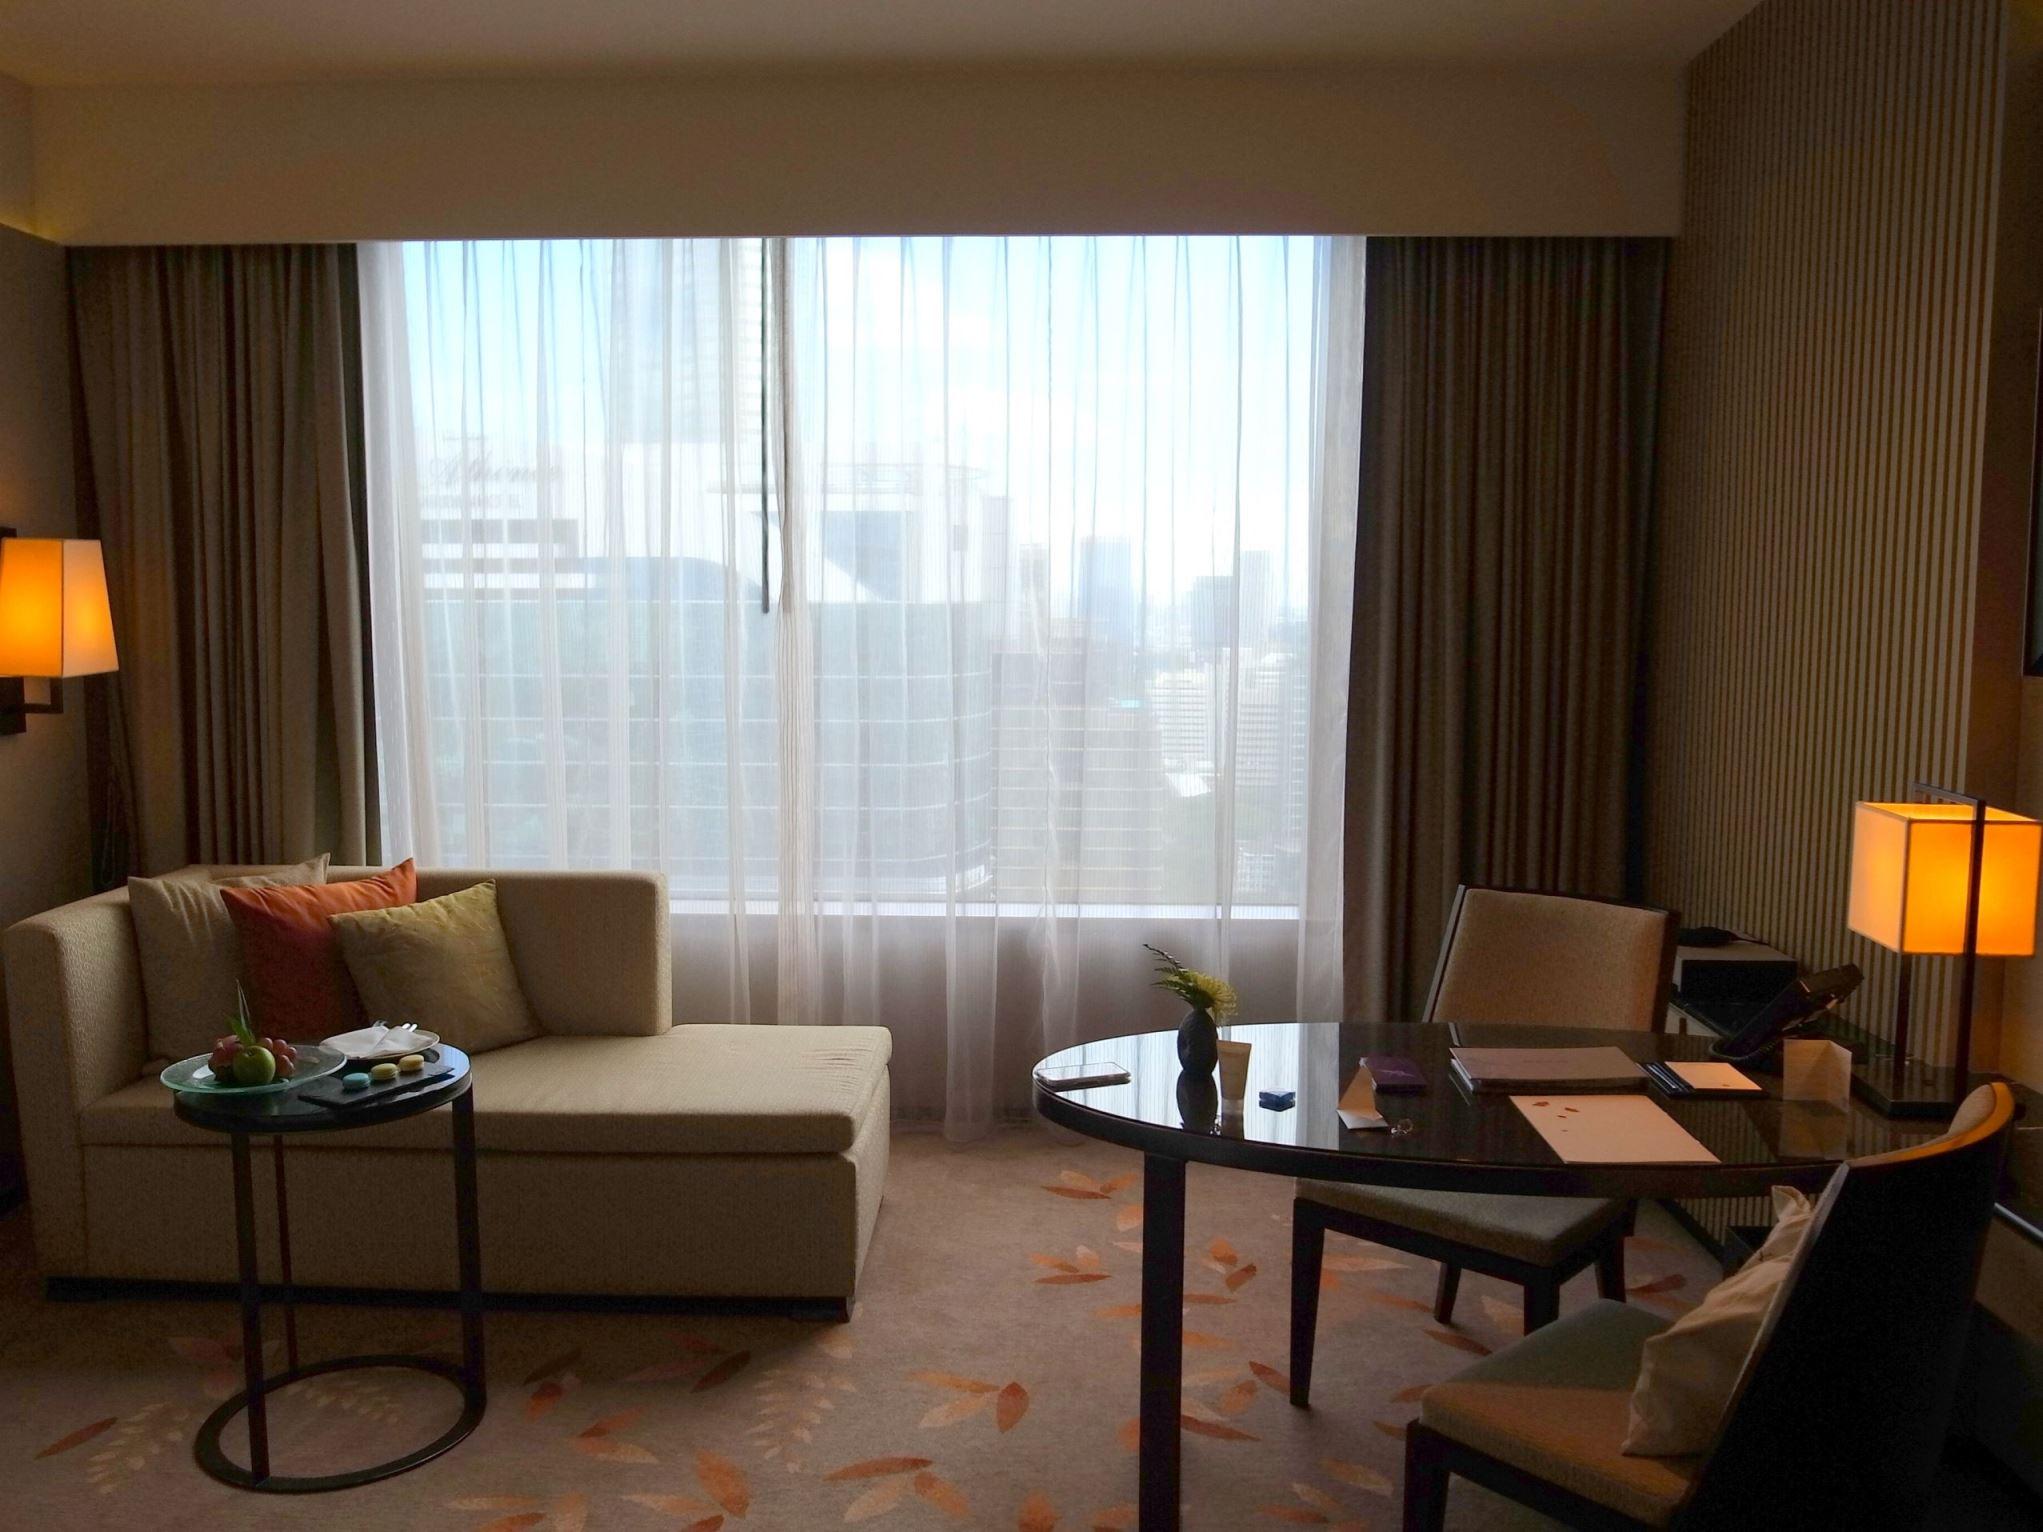 バンコク滞在時におすすめしたい、「オークラ プレステージバンコク Okura Hotels & Resorts」 -2-